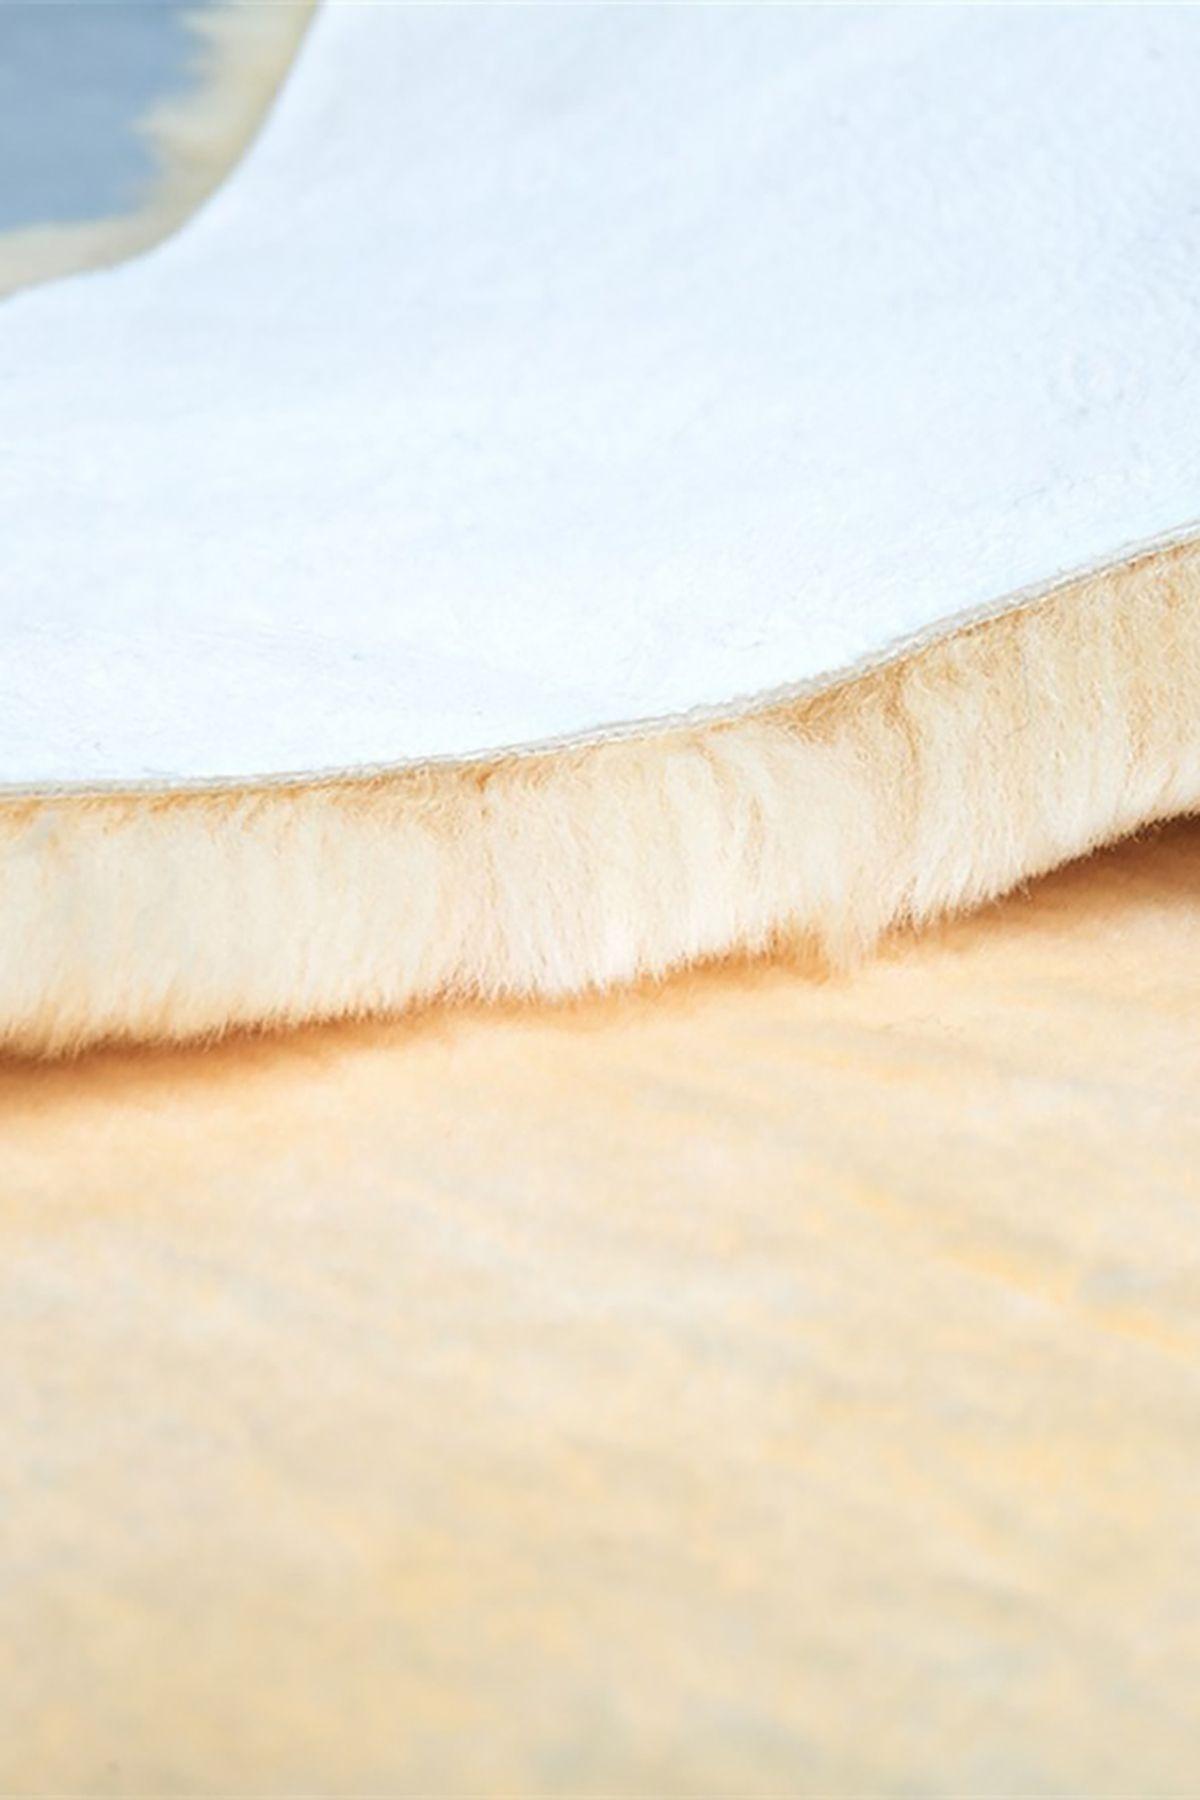 Sheepy Care Medikal Koyun Postu - Yatak İçin Naturel